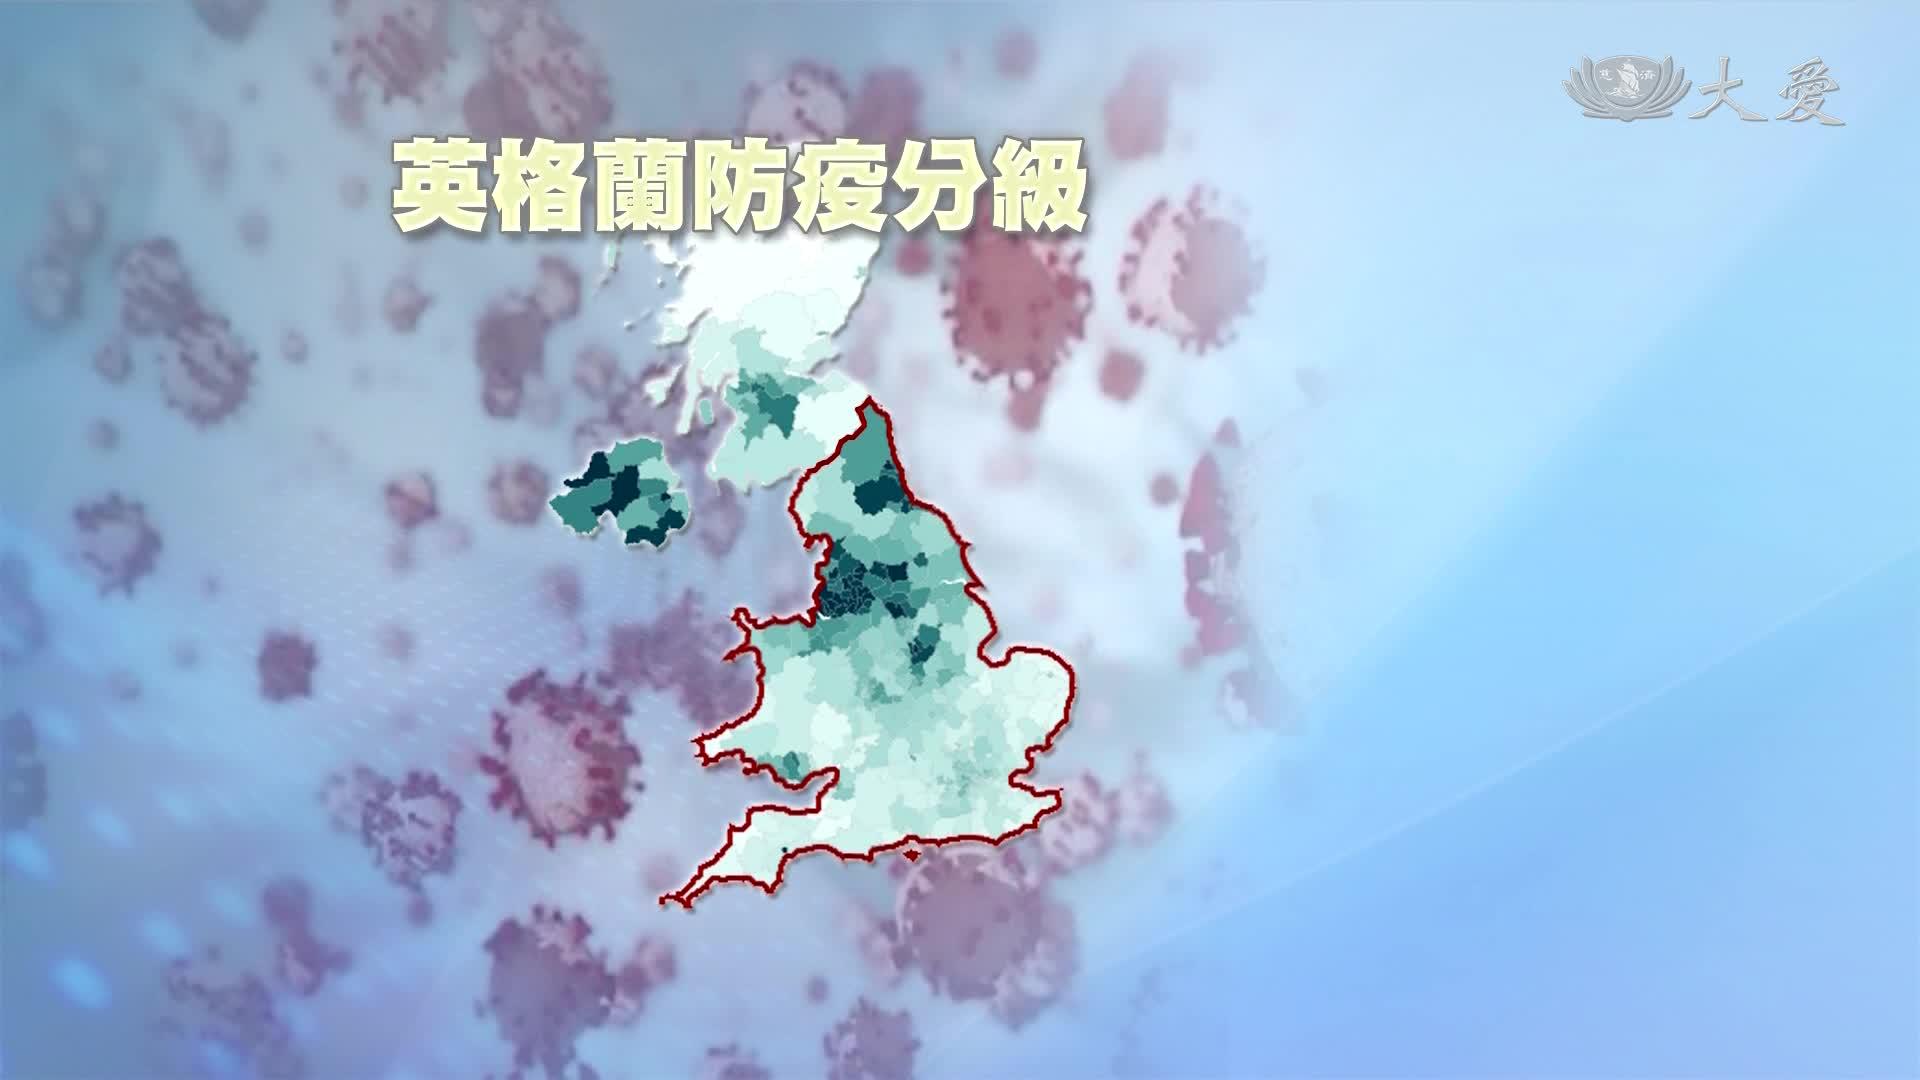 英國疫情惡化中 利物浦最嚴峻最高警戒